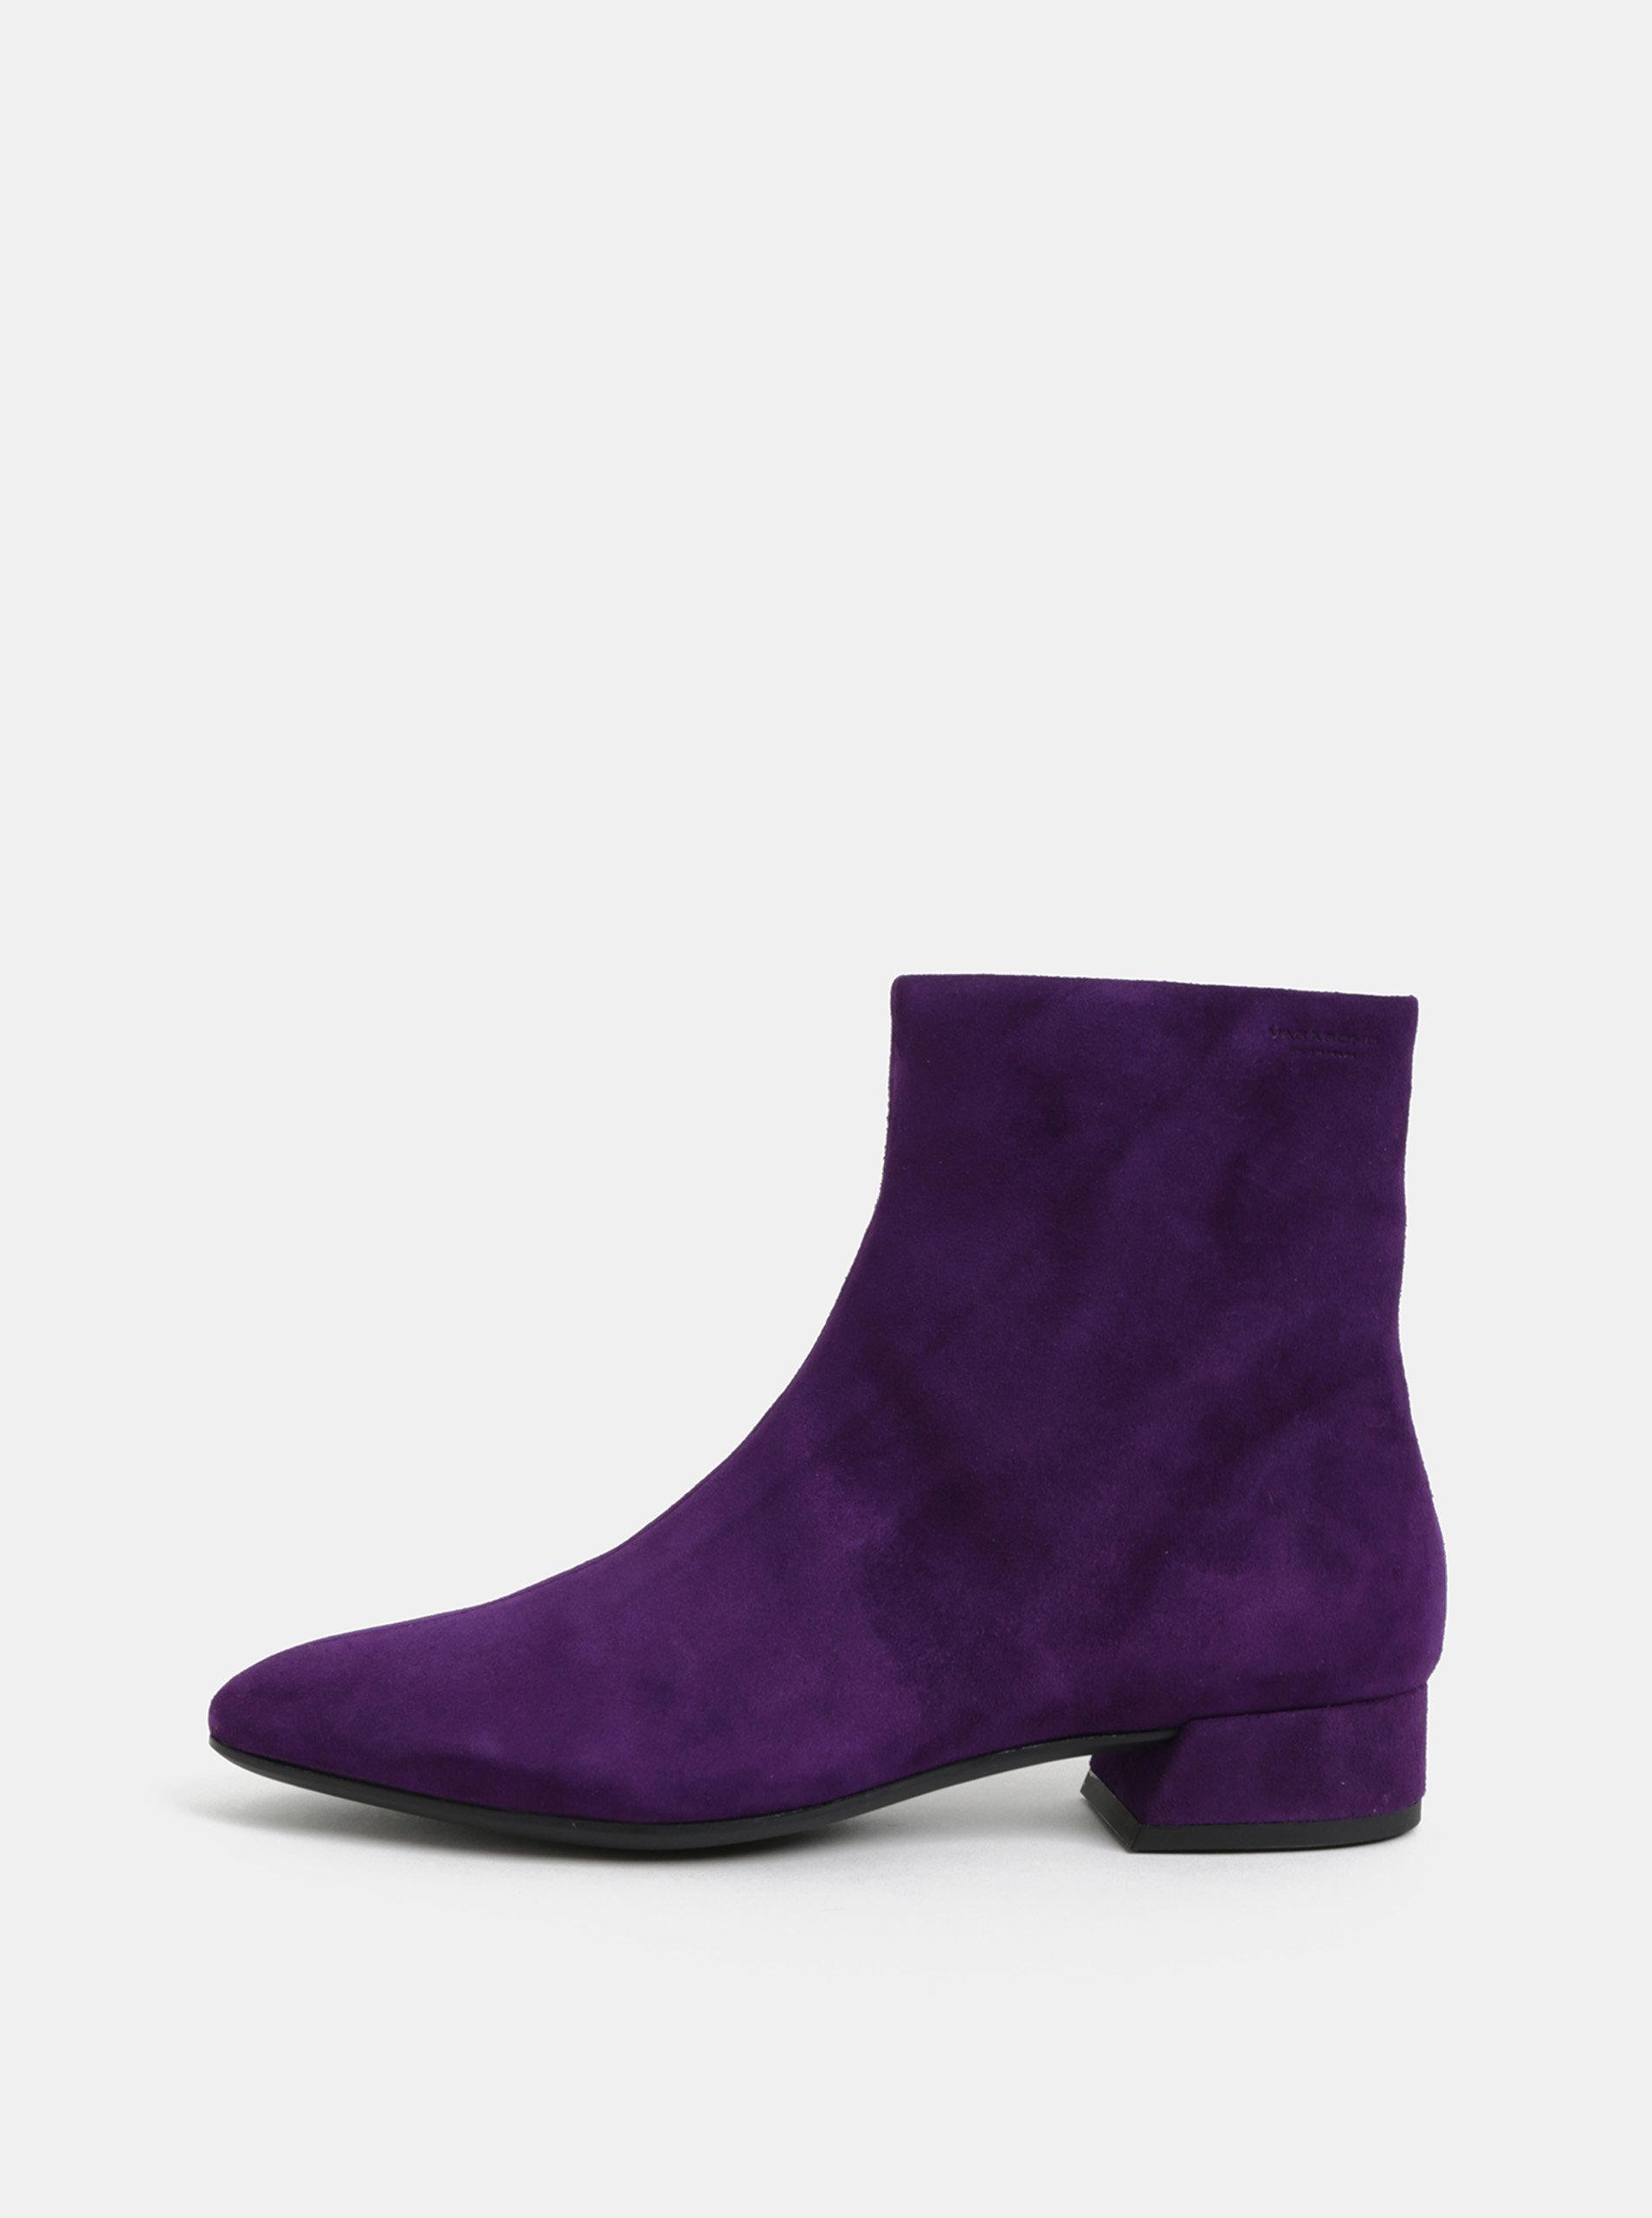 Fialové dámské semišové kotníkové boty Vagabond Joyce ... ff22e477c1